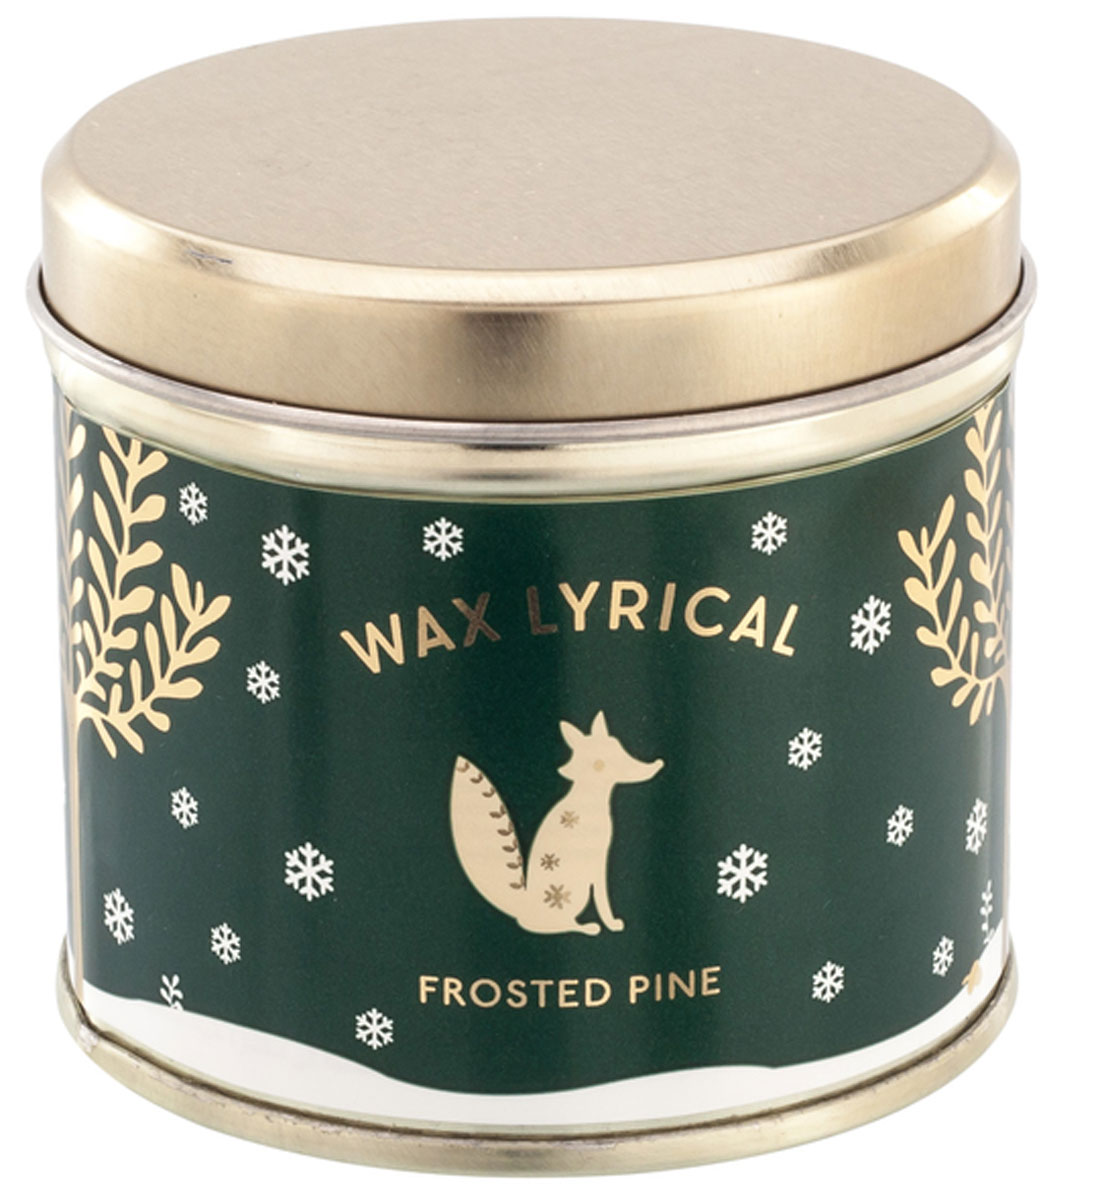 Свеча ароматизированная Wax Lyrical Зимняя сосна, 220 гN07262_синийСвеча ароматизированная Wax Lyrical Зимняя сосна имеет глубокий аромат зимней хвои. Он переносит в атмосферу леса, окутанного тихой морозной ночью, которая наполняет воздух древесными нотами с прохладными зелеными аккордами.